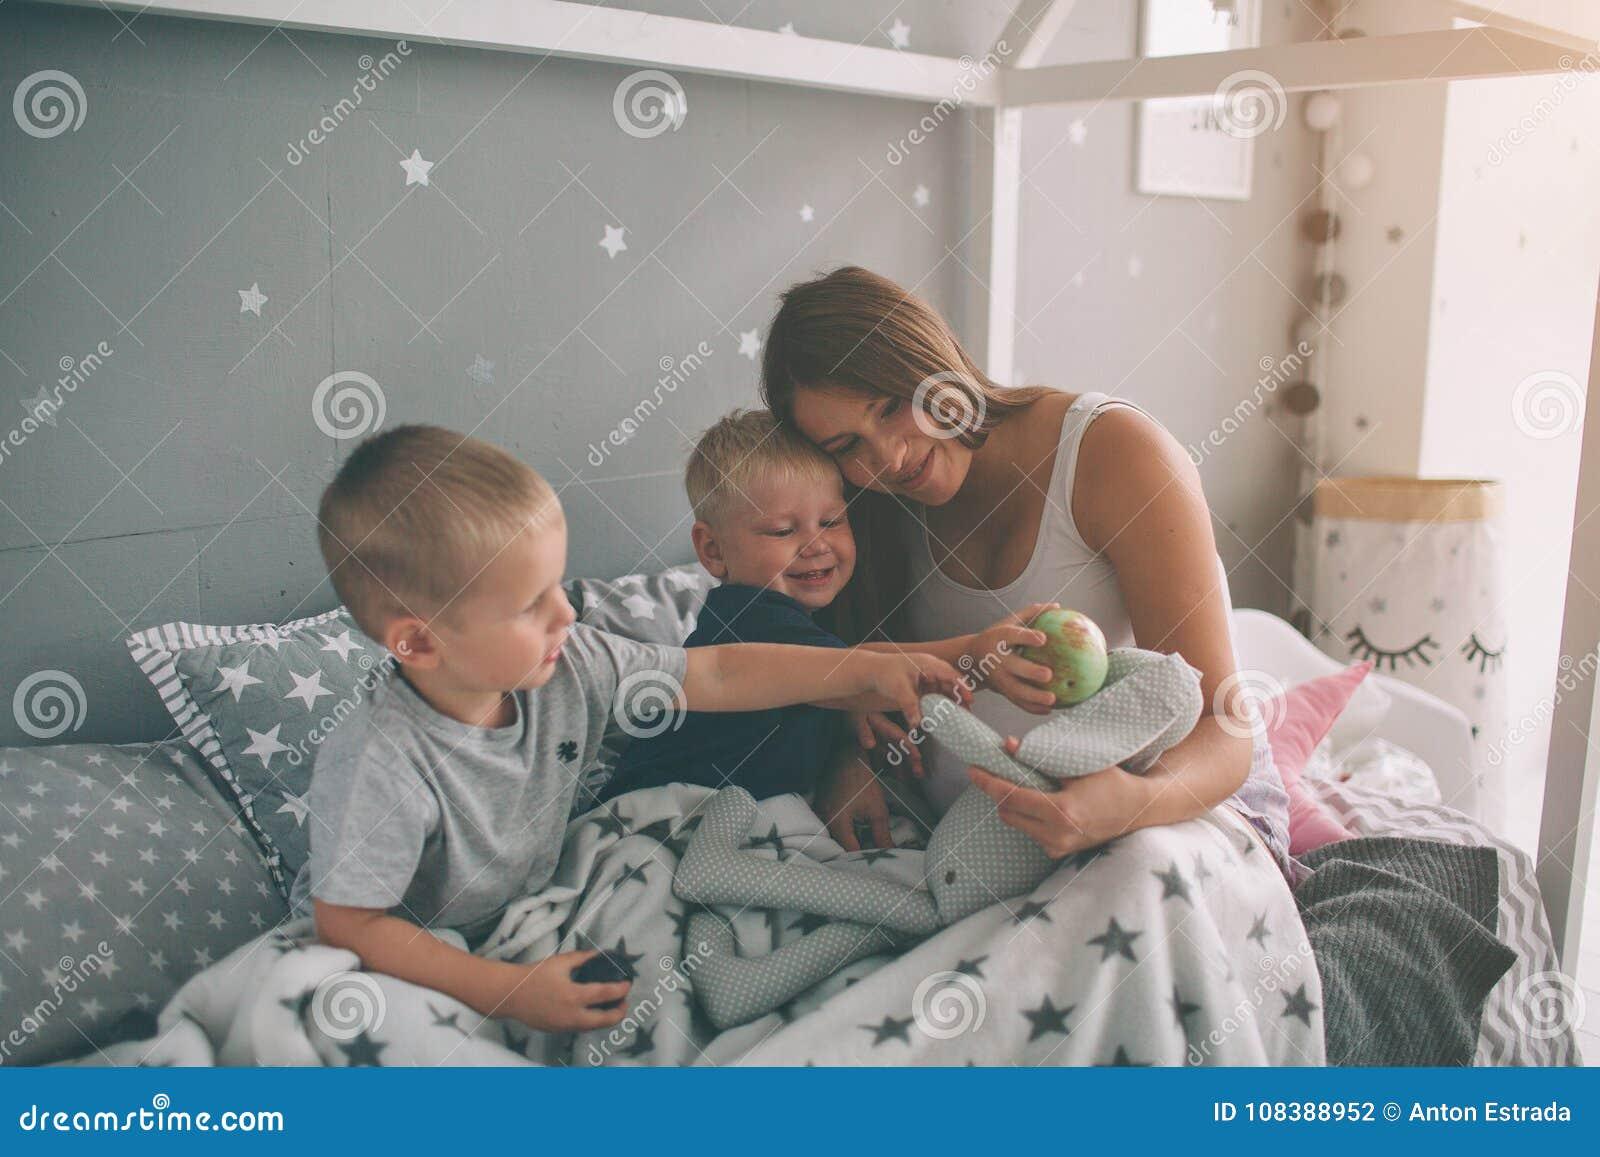 Έγκυος μητέρα και δύο γιοι διαβάζουν ένα ενδιαφέρον βιβλίο στο σπίτι το πρωί Περιστασιακός τρόπος ζωής στην κρεβατοκάμαρα